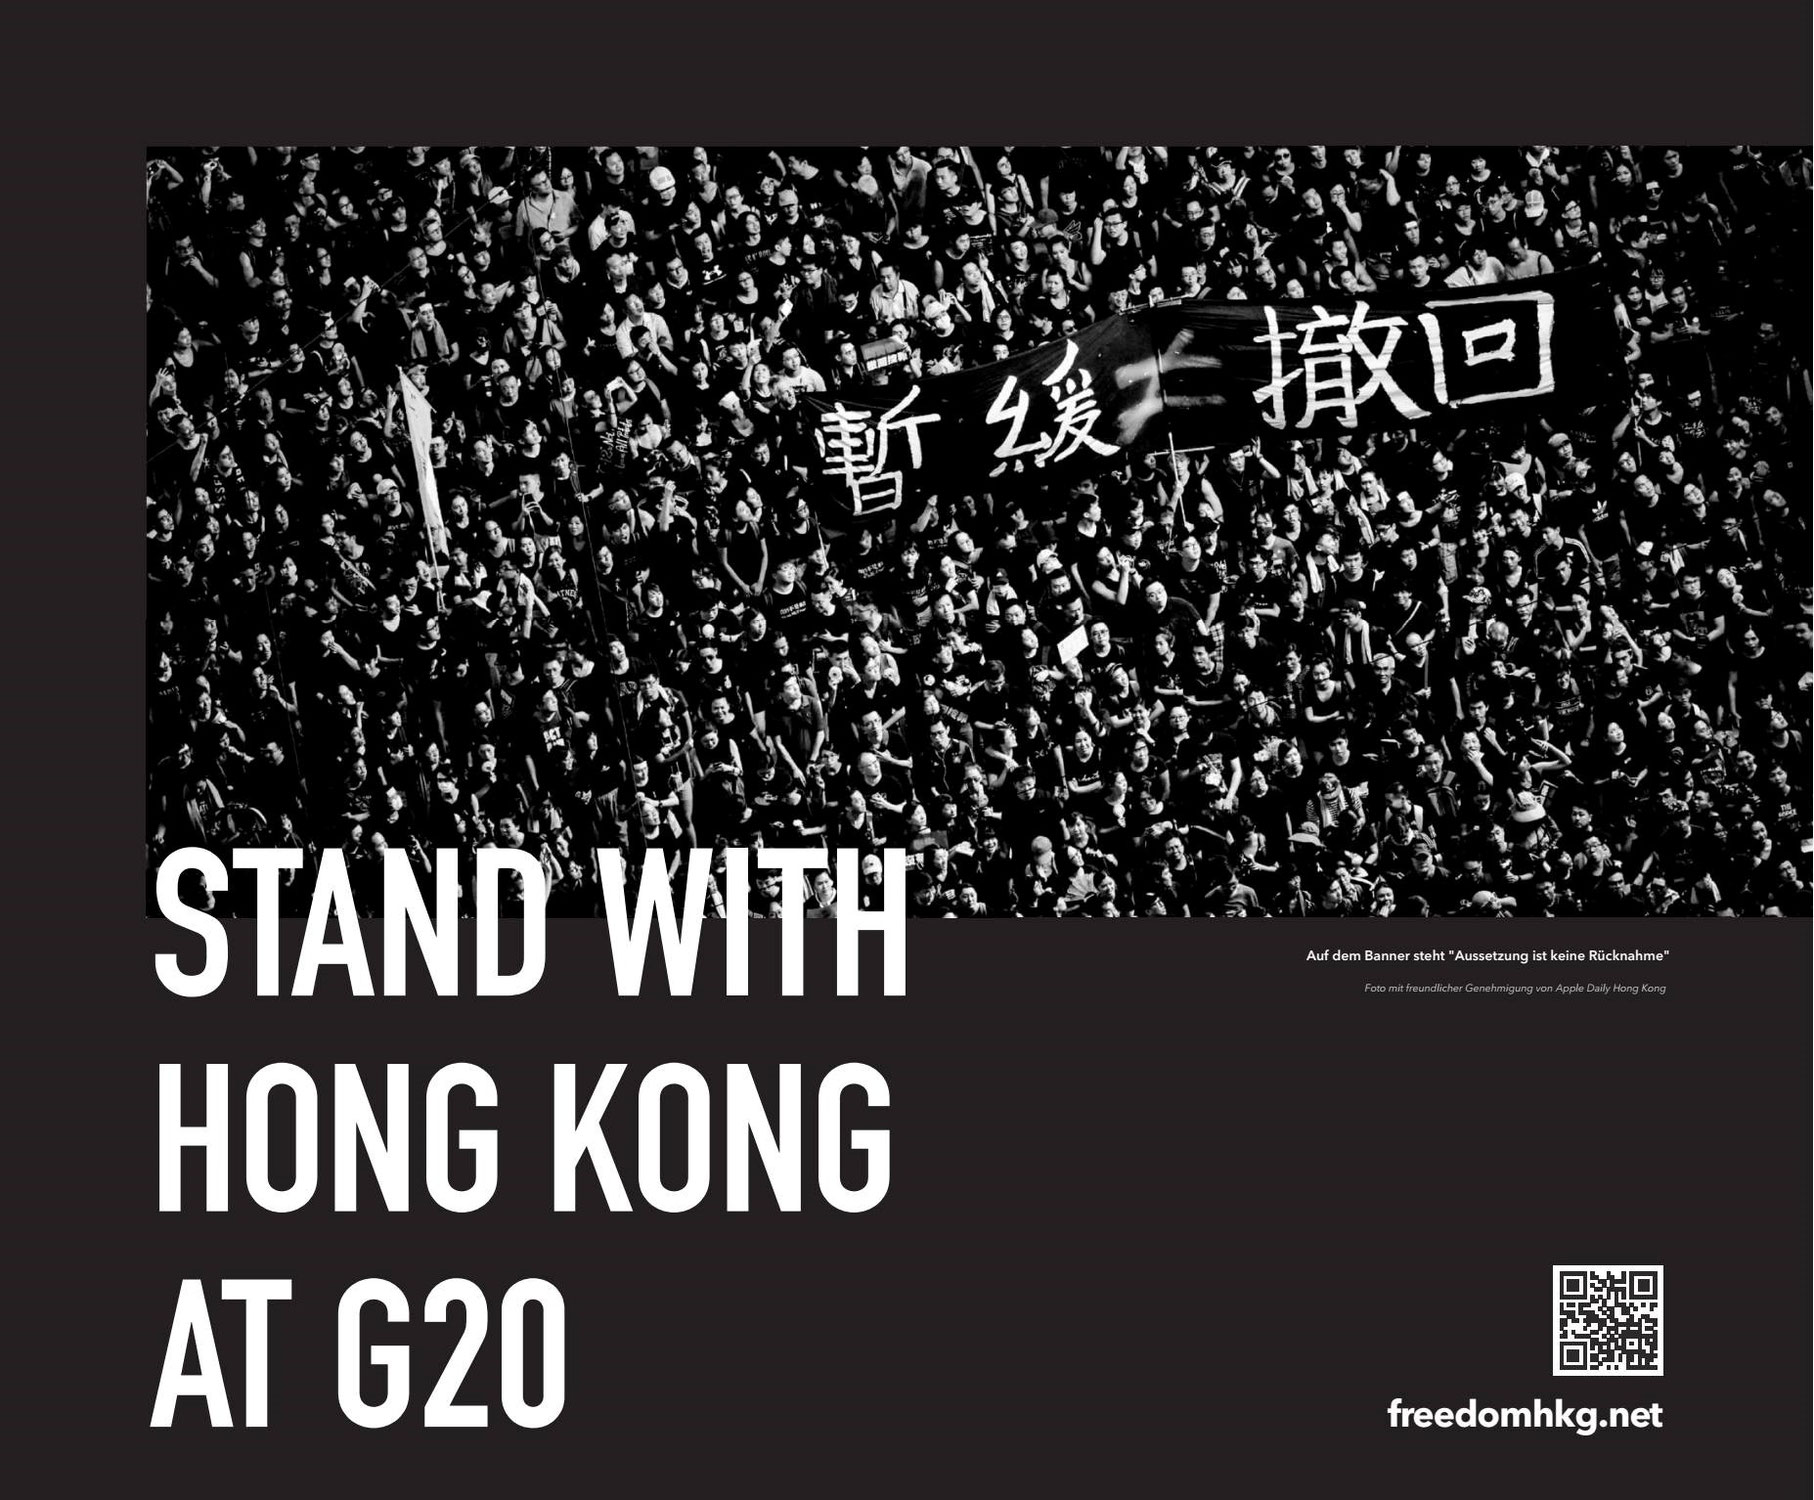 【德國登報】《南德意志報》- Stand with Hong Kong in G20